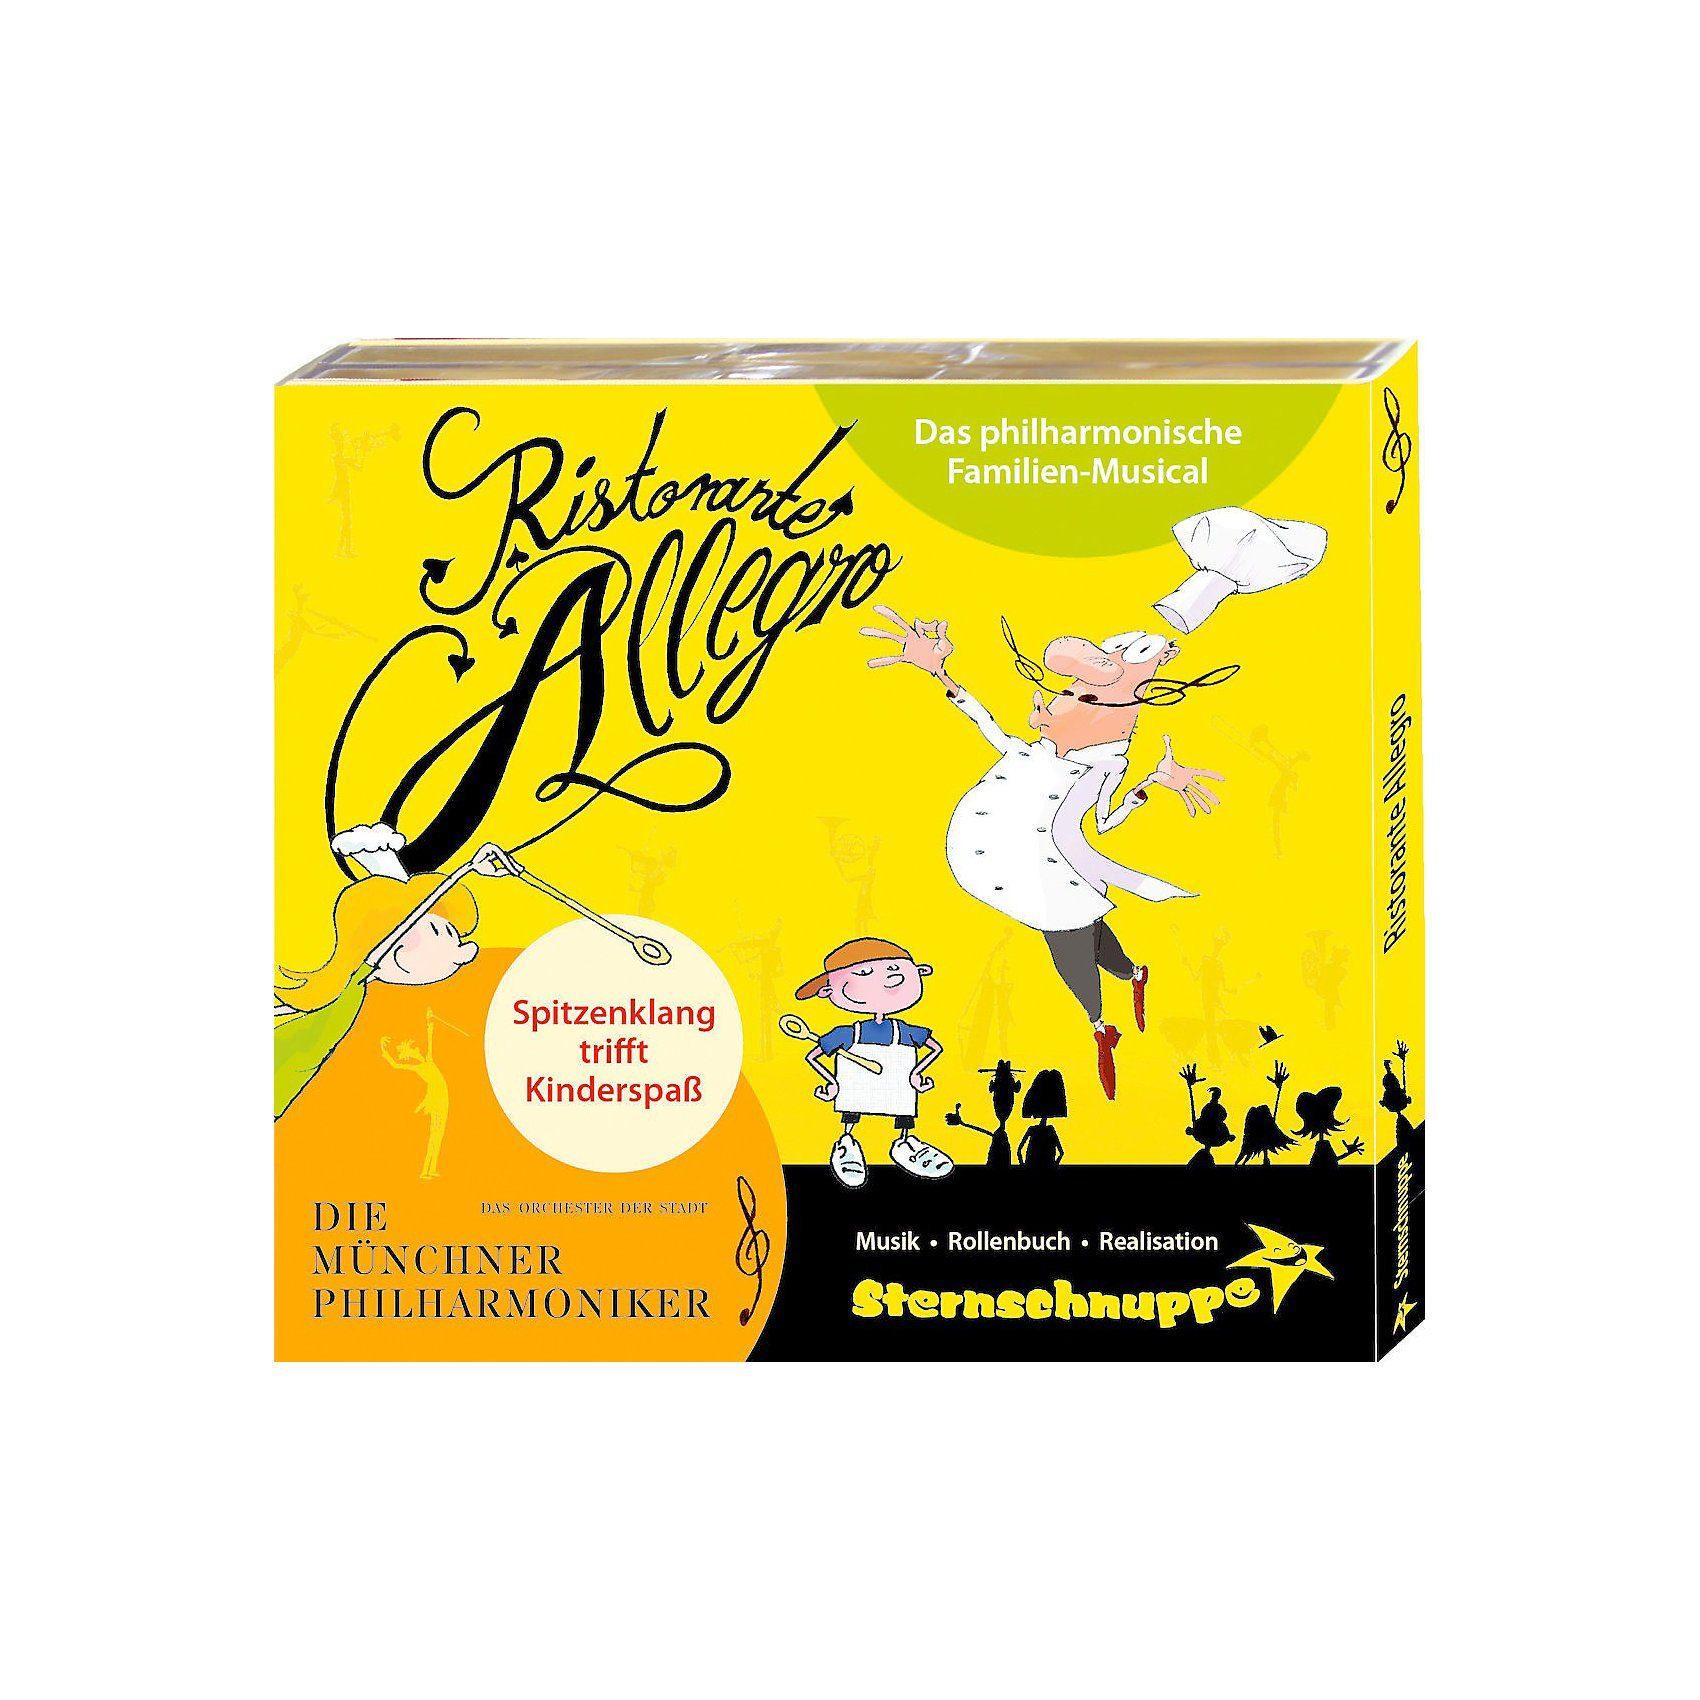 CD Sternschnuppe - Ristorante Allegro: Das philharmonische F